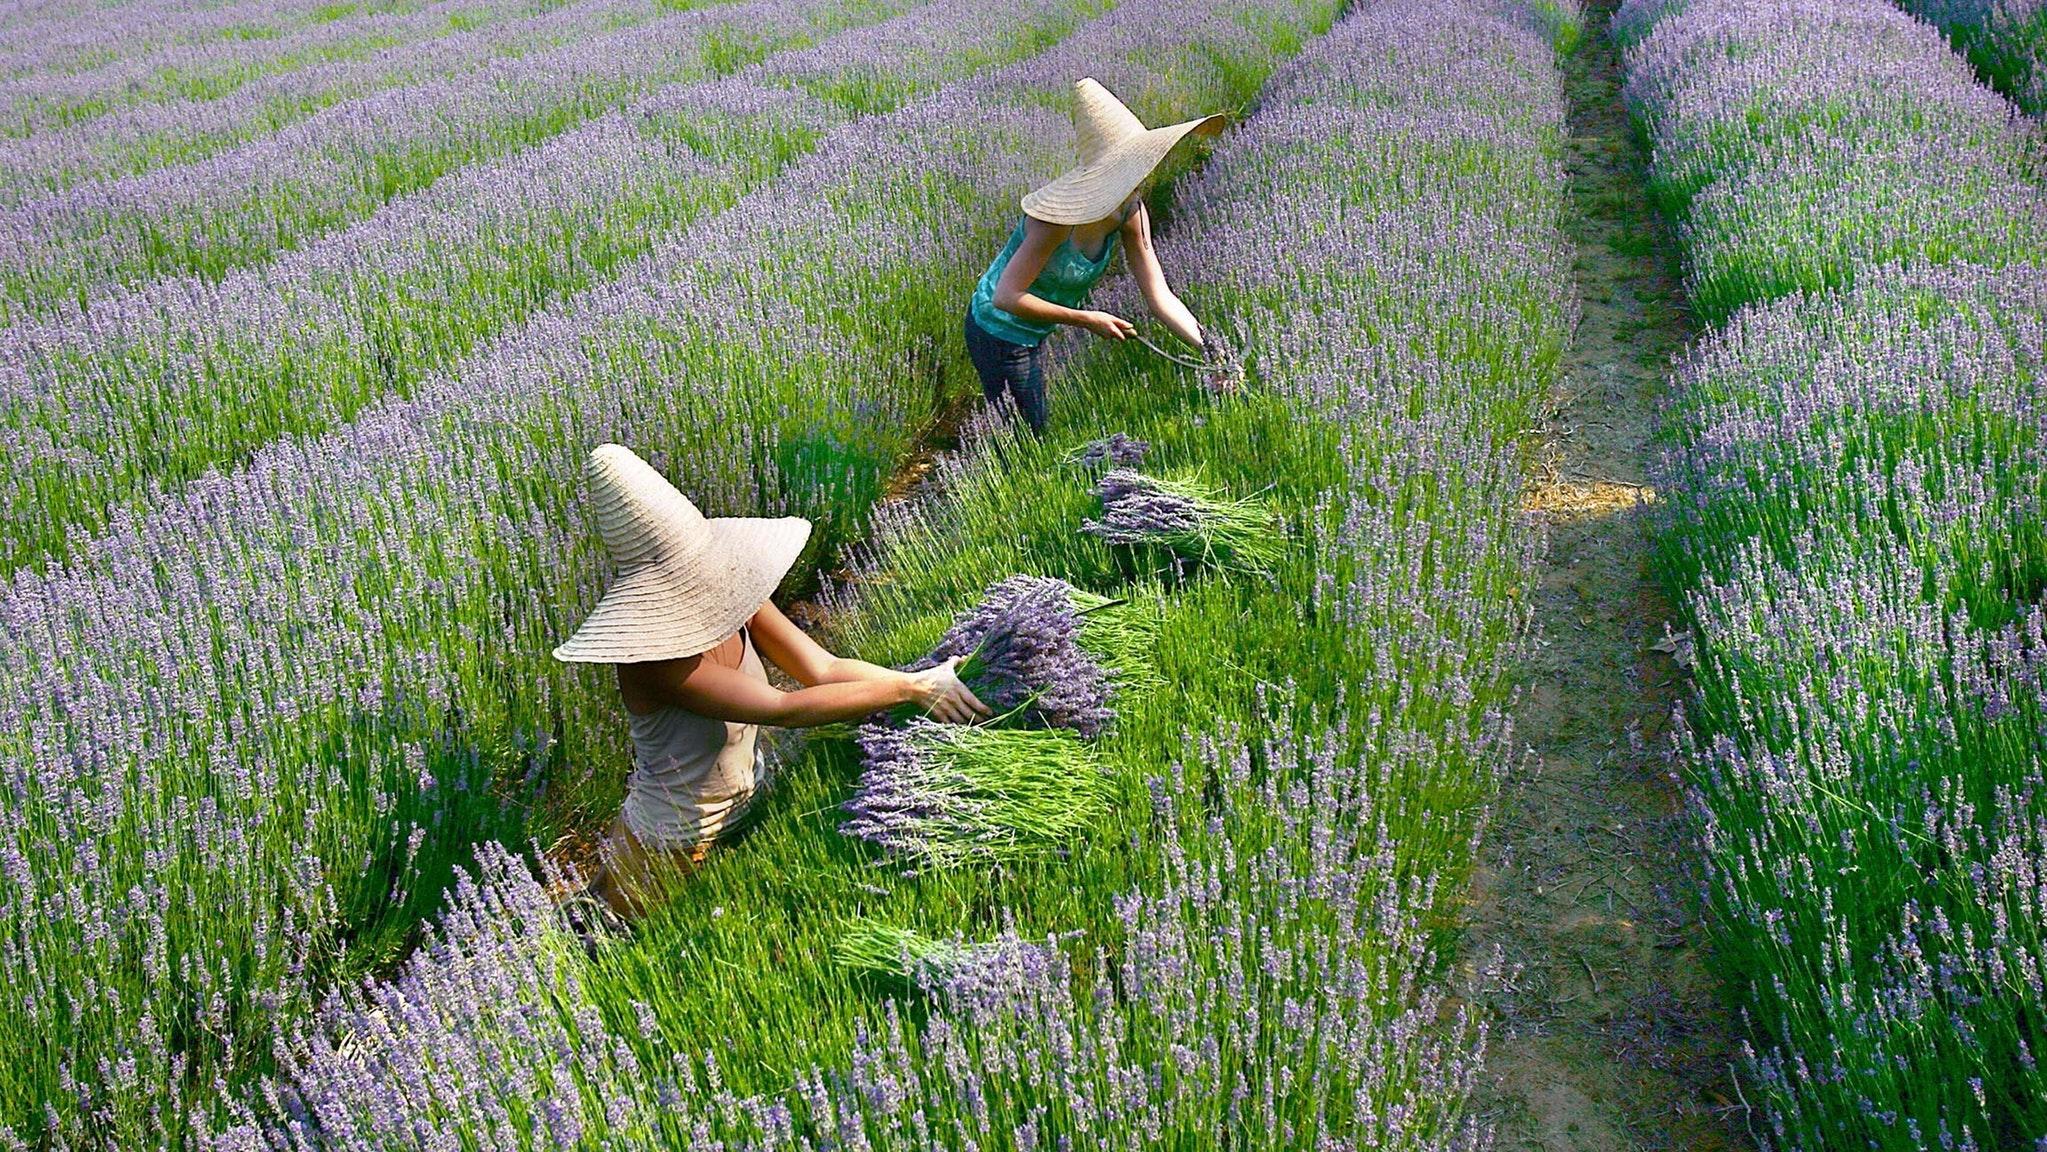 Lavender Harvest Festival